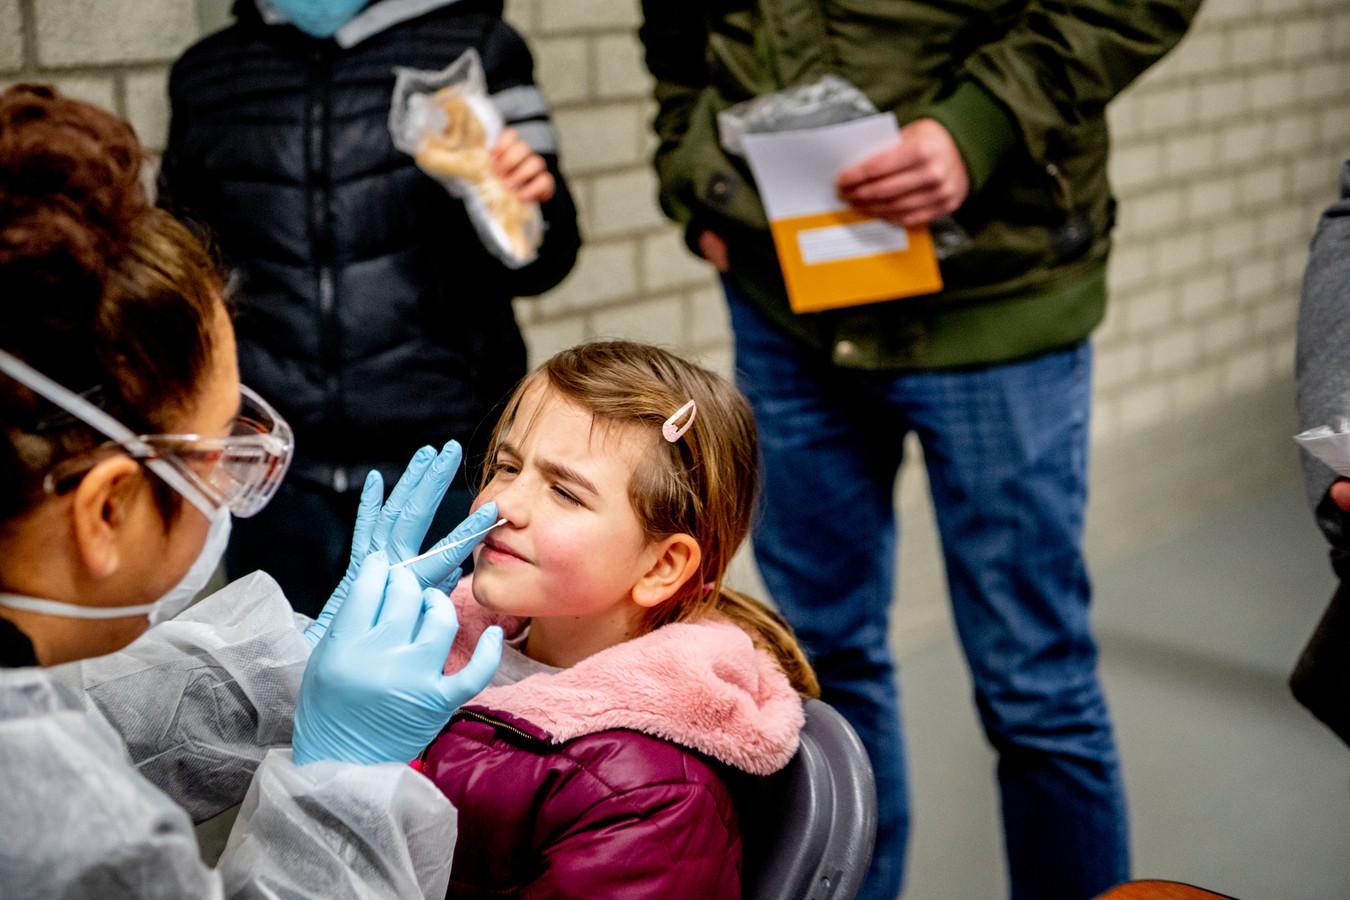 Kinderen vanaf 2 jaar worden getest in de gemeente Lansingerland na de uitbraak van de 'Britse variant' rond een basisschool in Bergschenhoek.